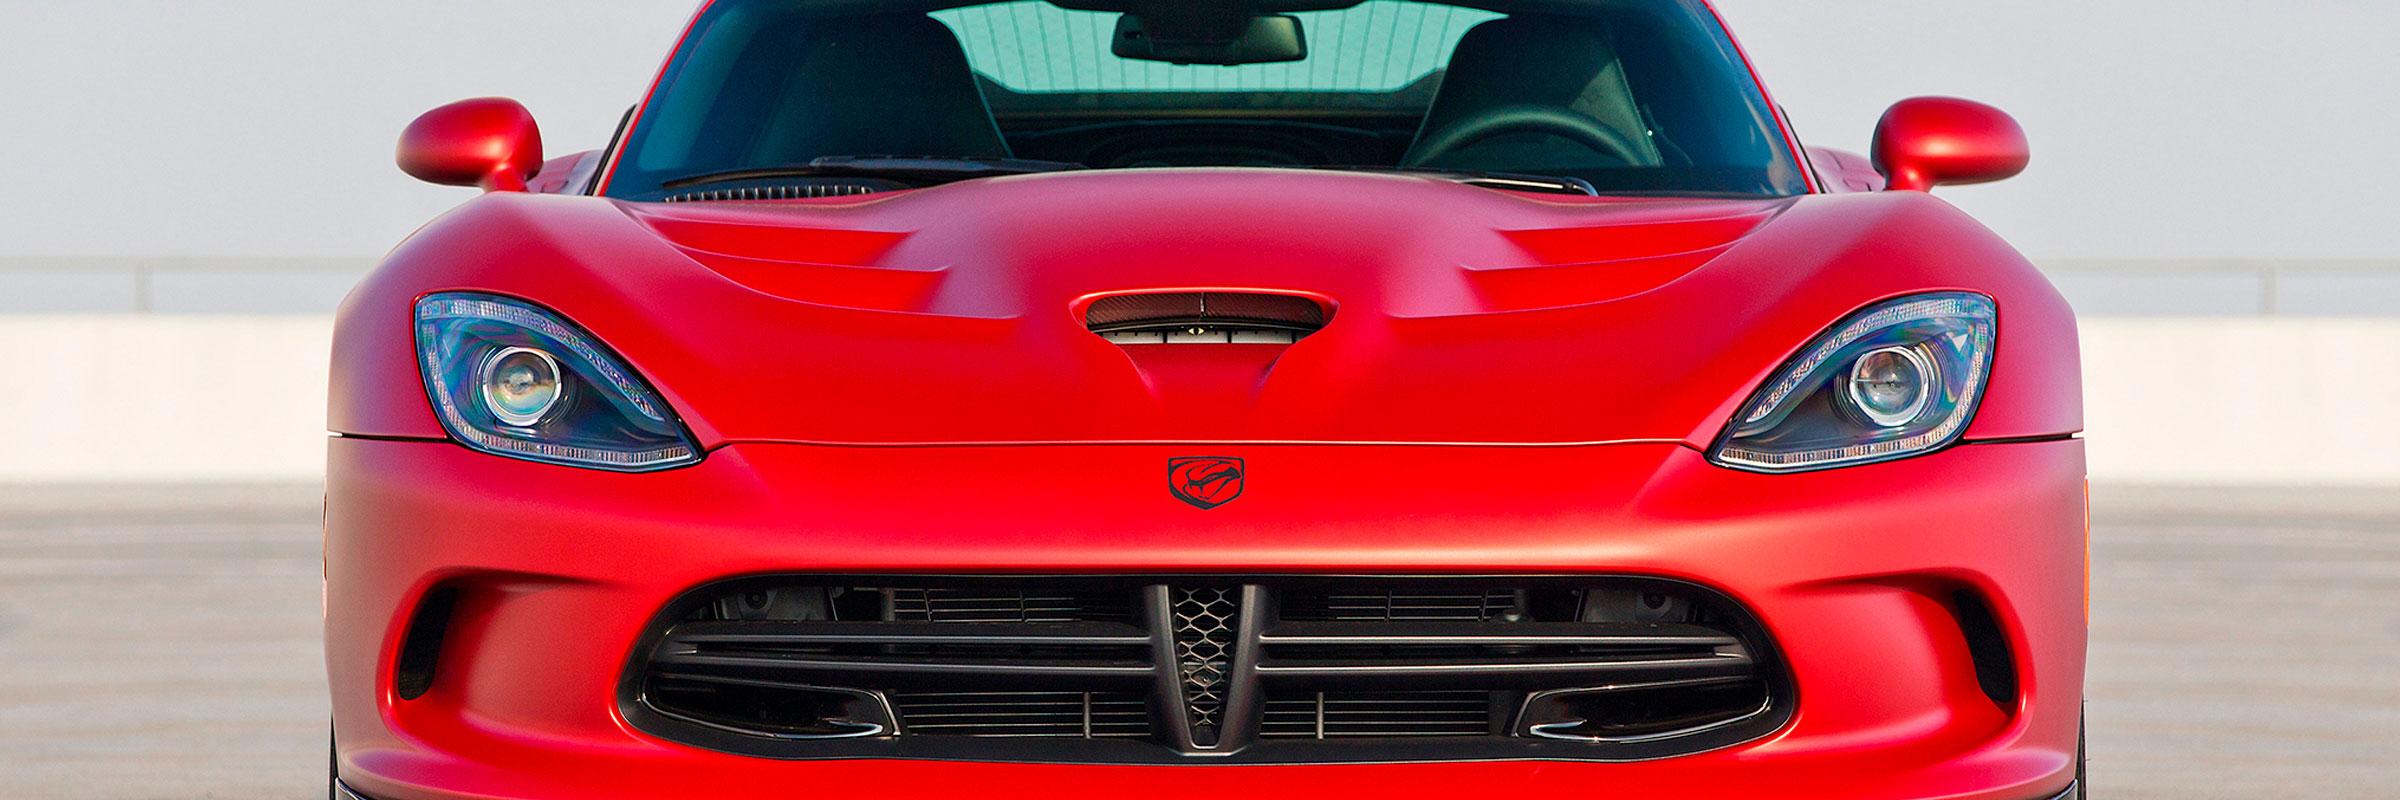 Dodge Viper Australia Right Hand Drive Conversion